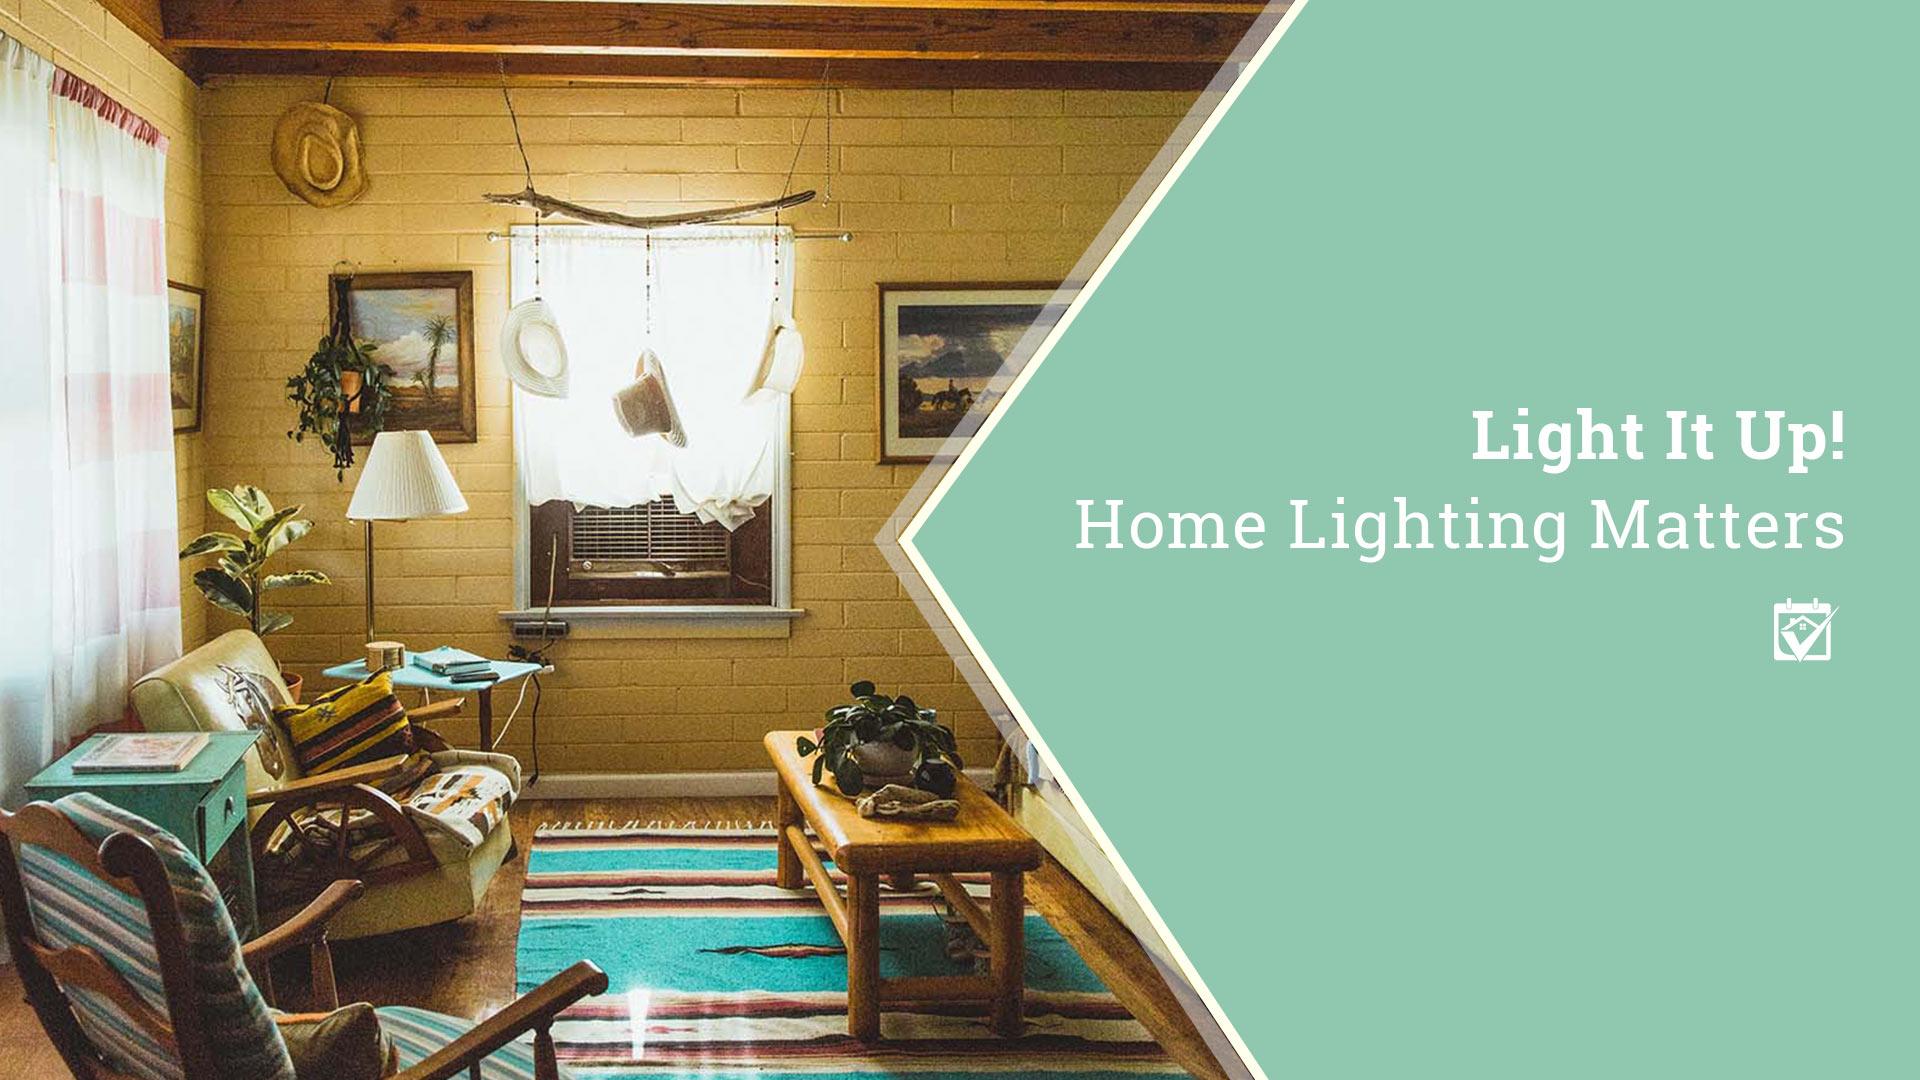 Light It Up! Home Lighting Matters